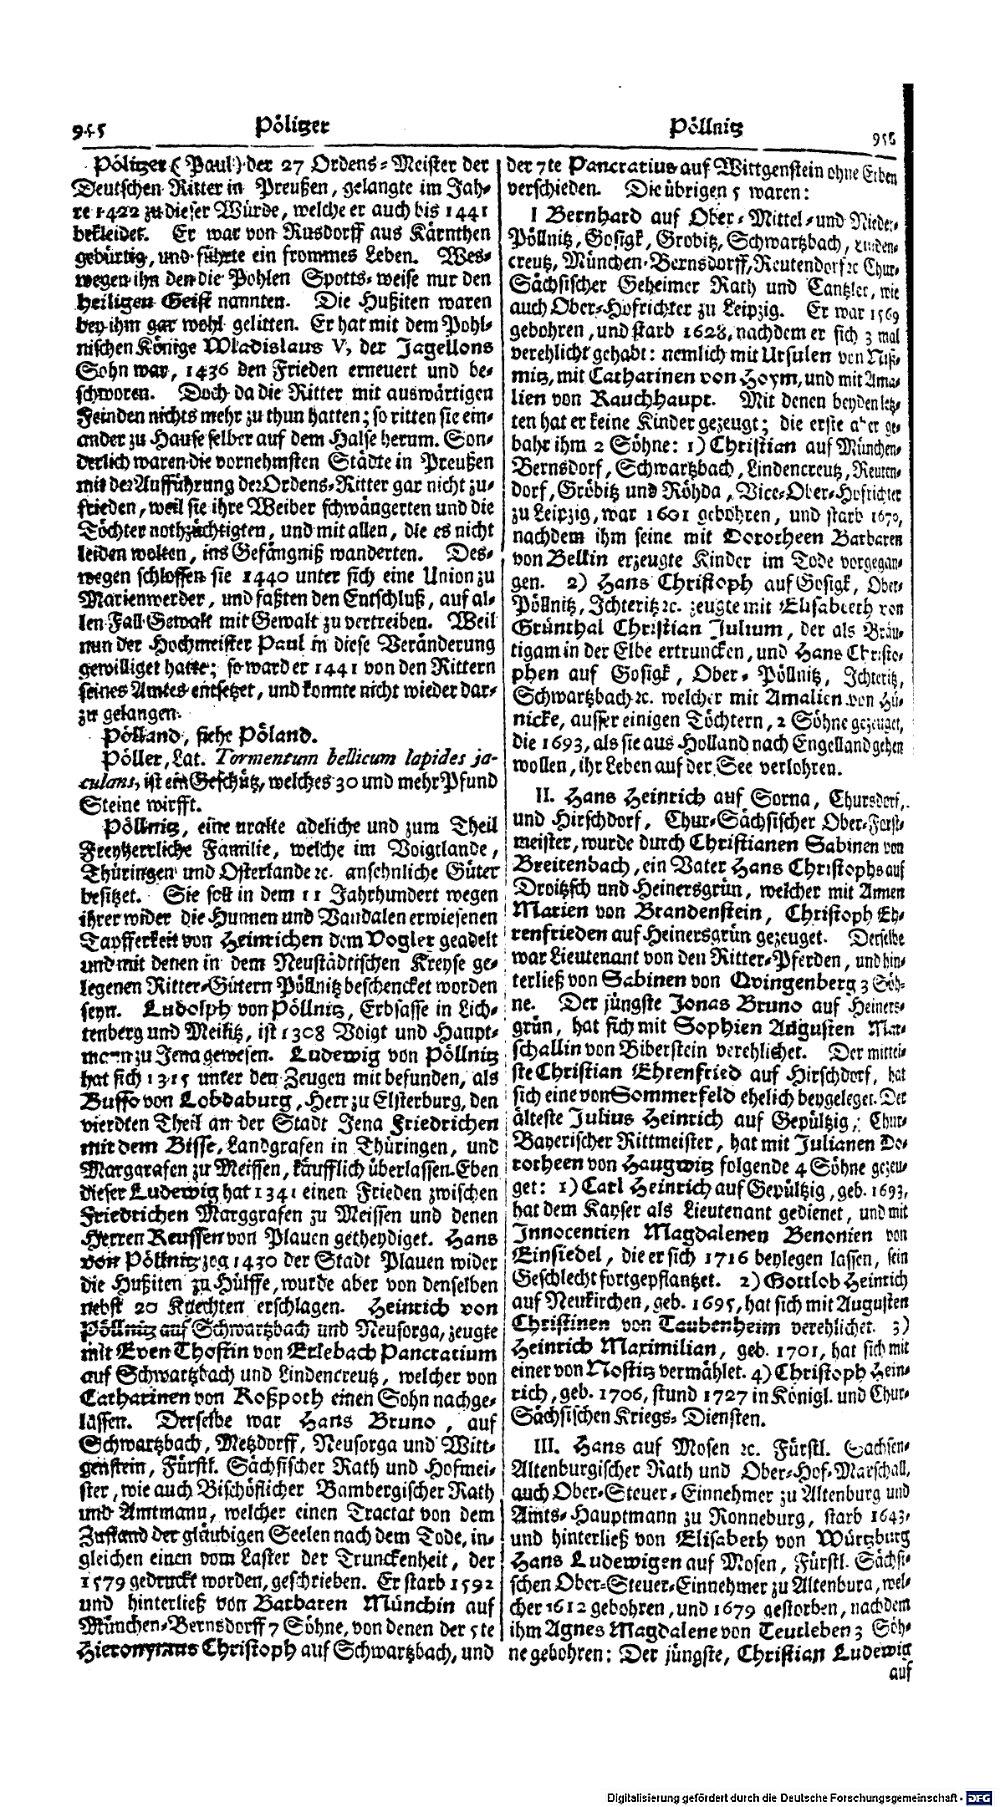 Bd. 28, Seite 0491.